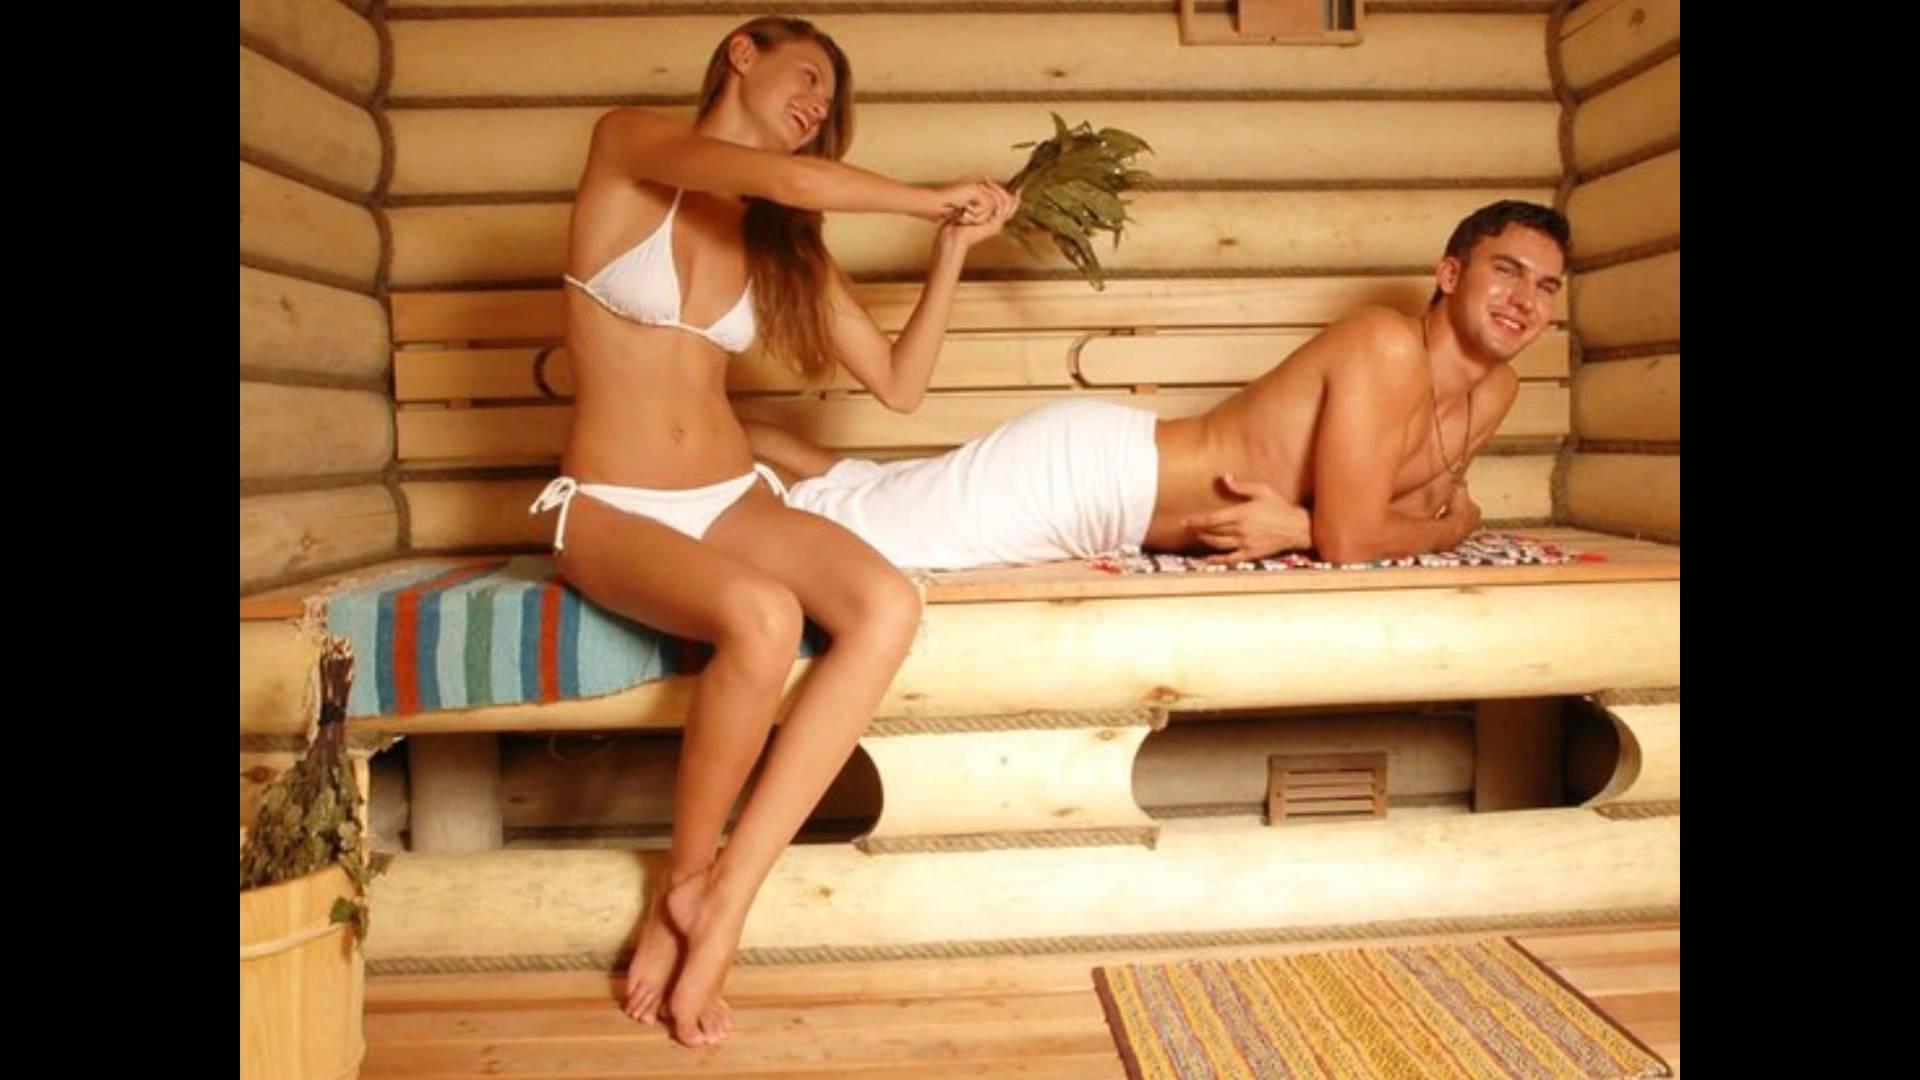 Секс по русски в россии, Русское порно видео. Смотреть секс с русскими 13 фотография